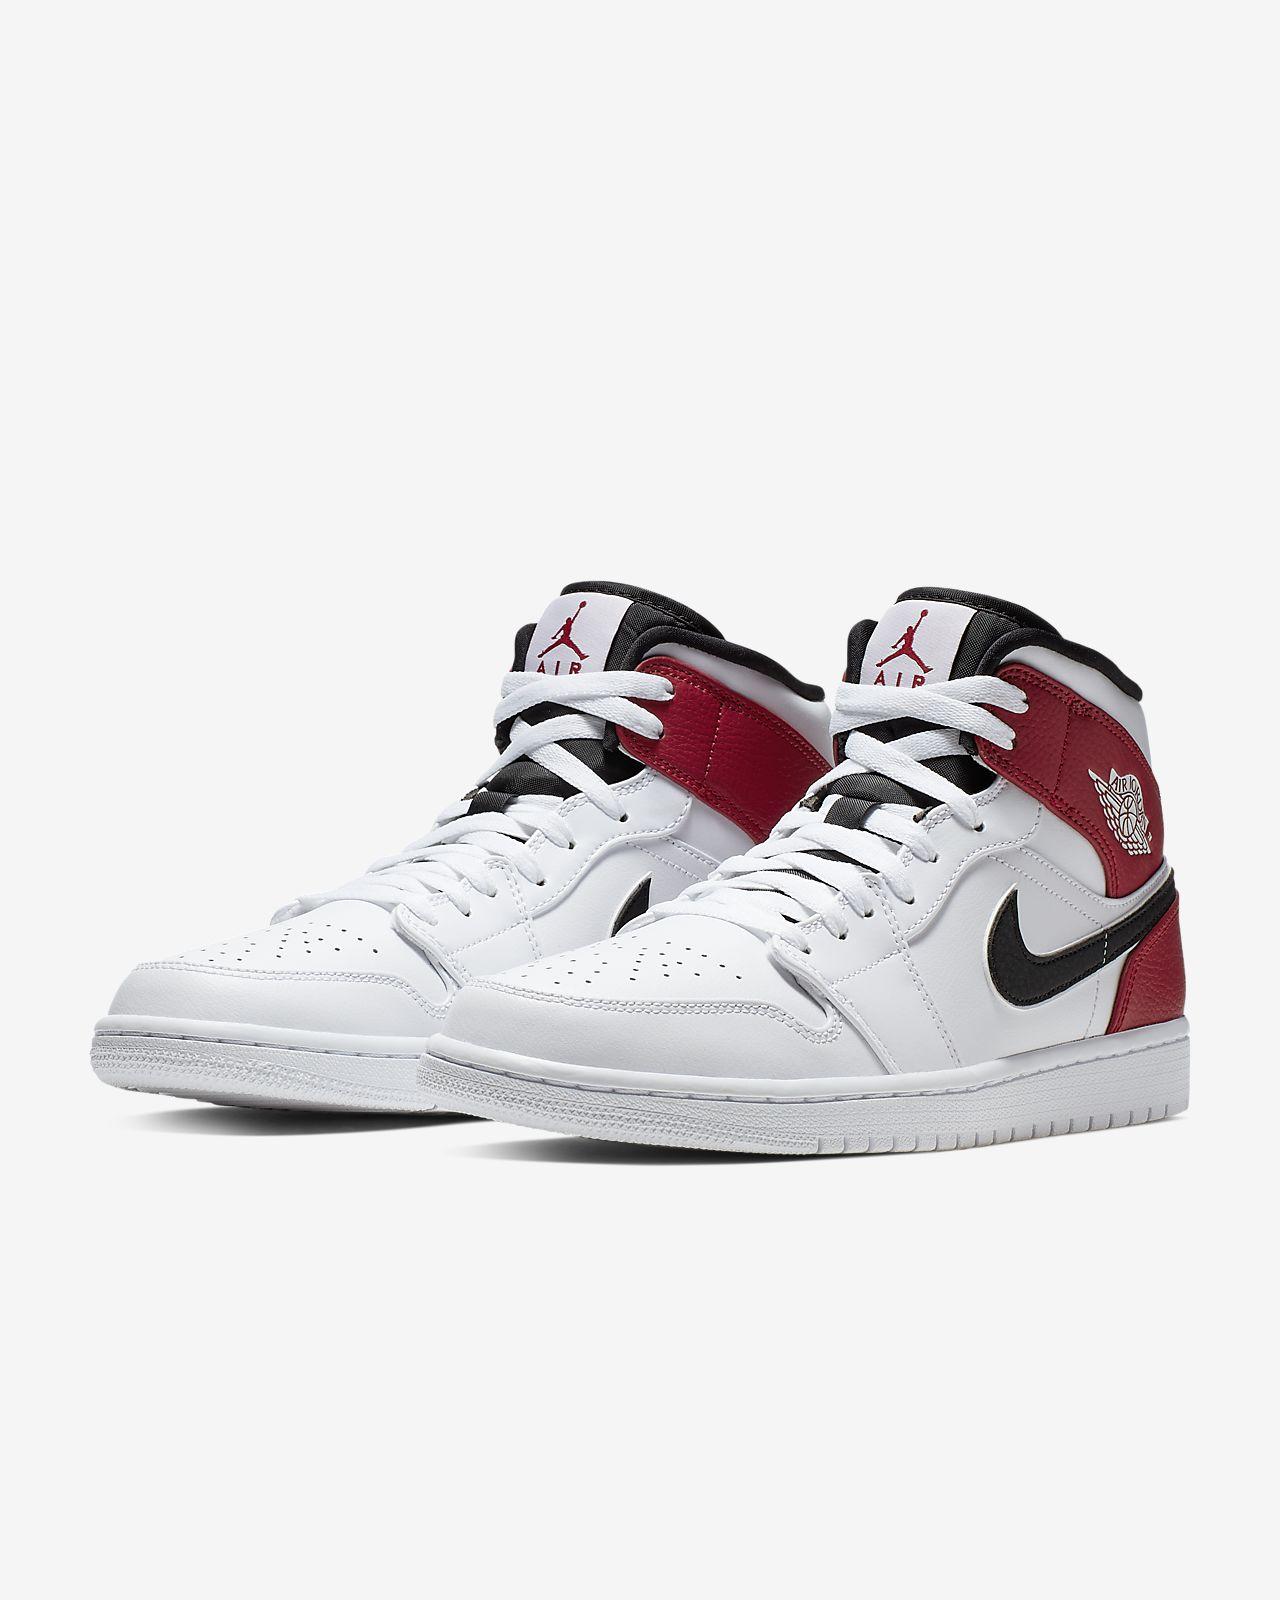 11d744223a8 Air Jordan 1 Mid Herenschoen. Nike.com NL